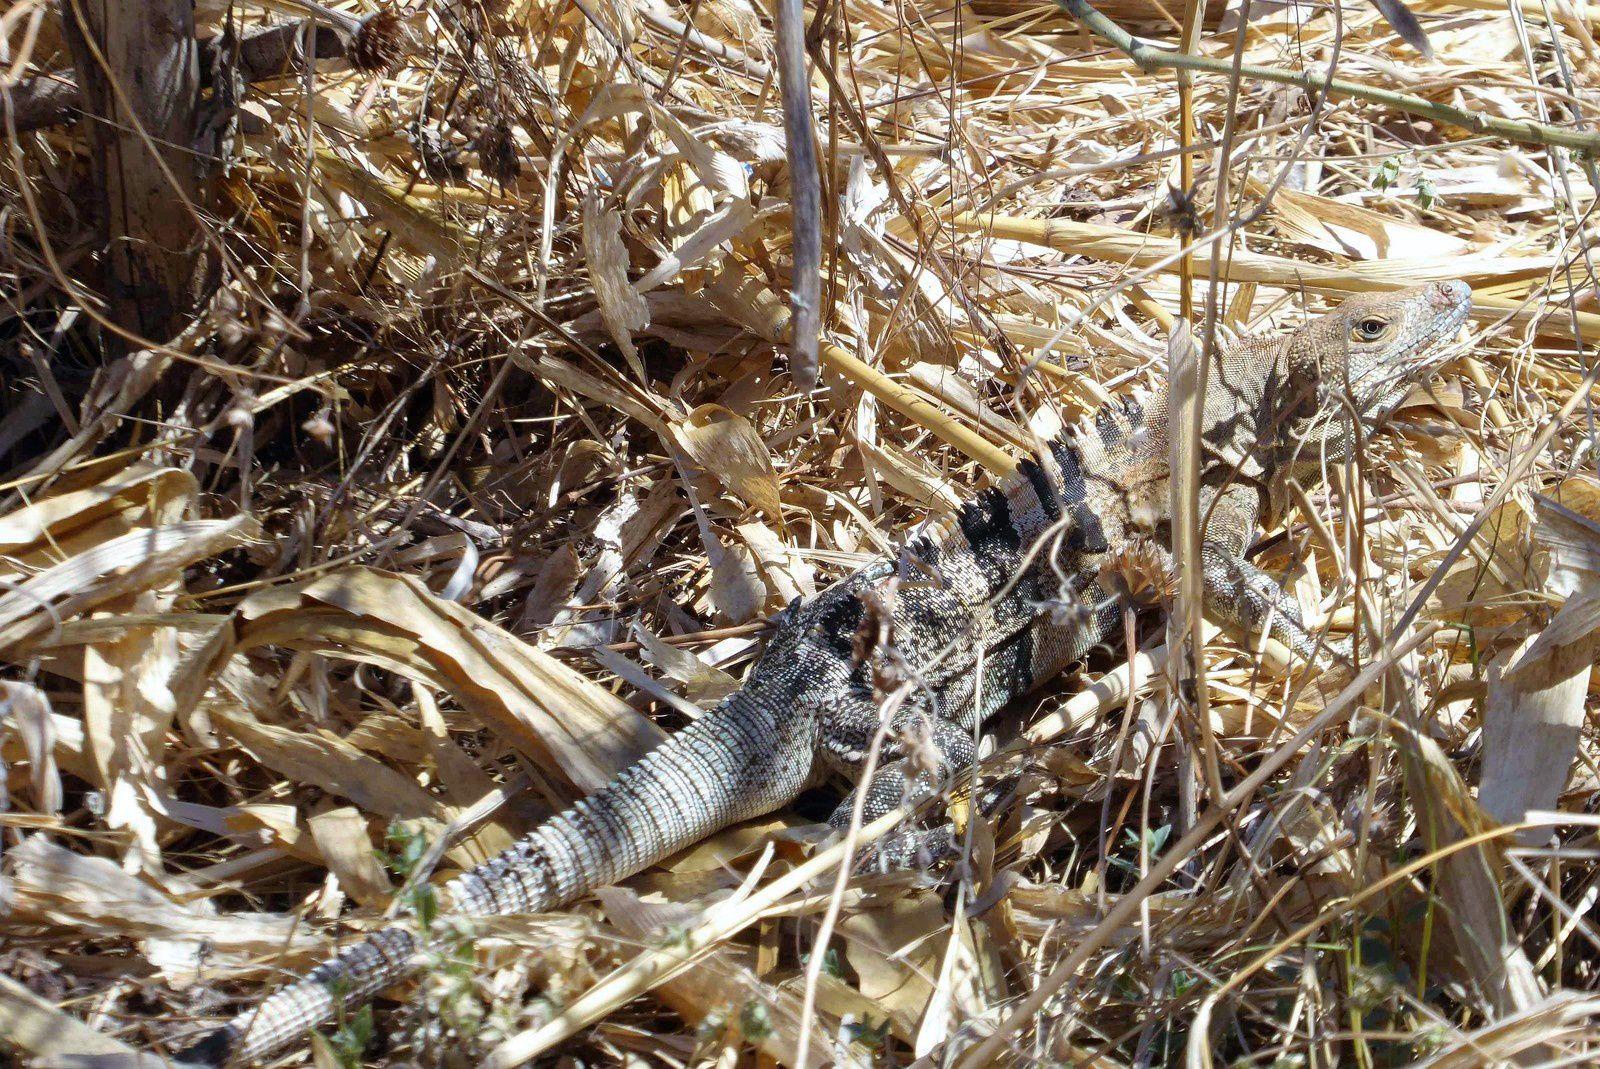 Il vient de traverser la route devant moi à une vitesse surprenante. Difficile de le repérer parmi les feuilles de maïs séchées.